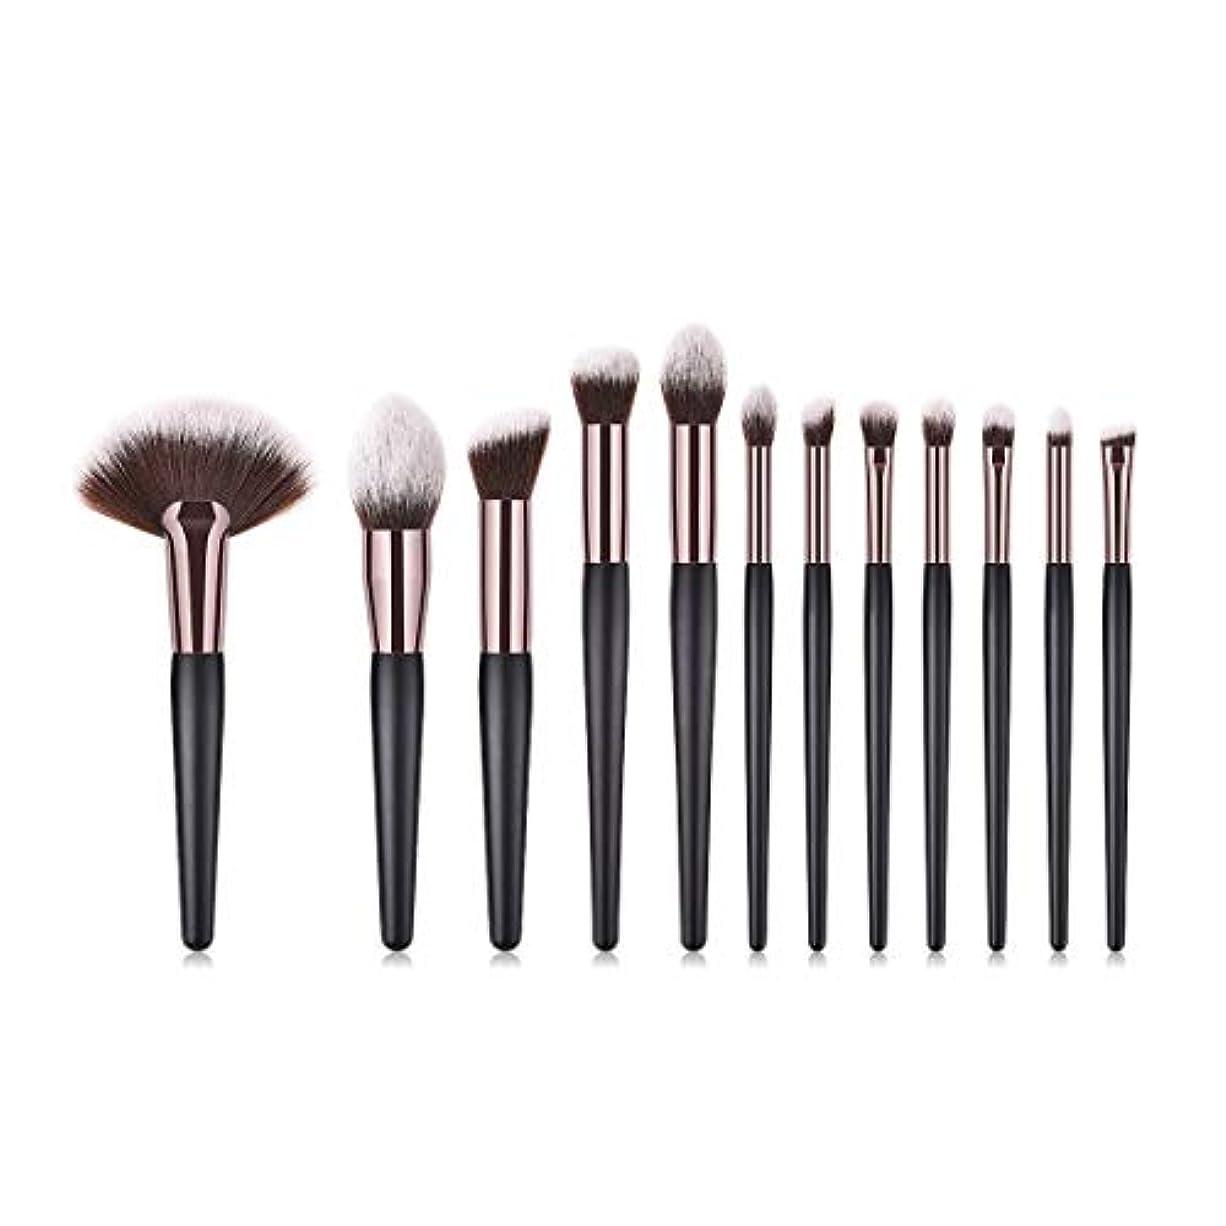 ハイブリッド韓国白内障Makeup brushes 12化粧ブラシファンデーションブラシパウダーピンクブラッシュブラシアイシャドウブラシハイスクールグロスシルエットブラシセットブラシホワイト suits (Color : Black Gold)